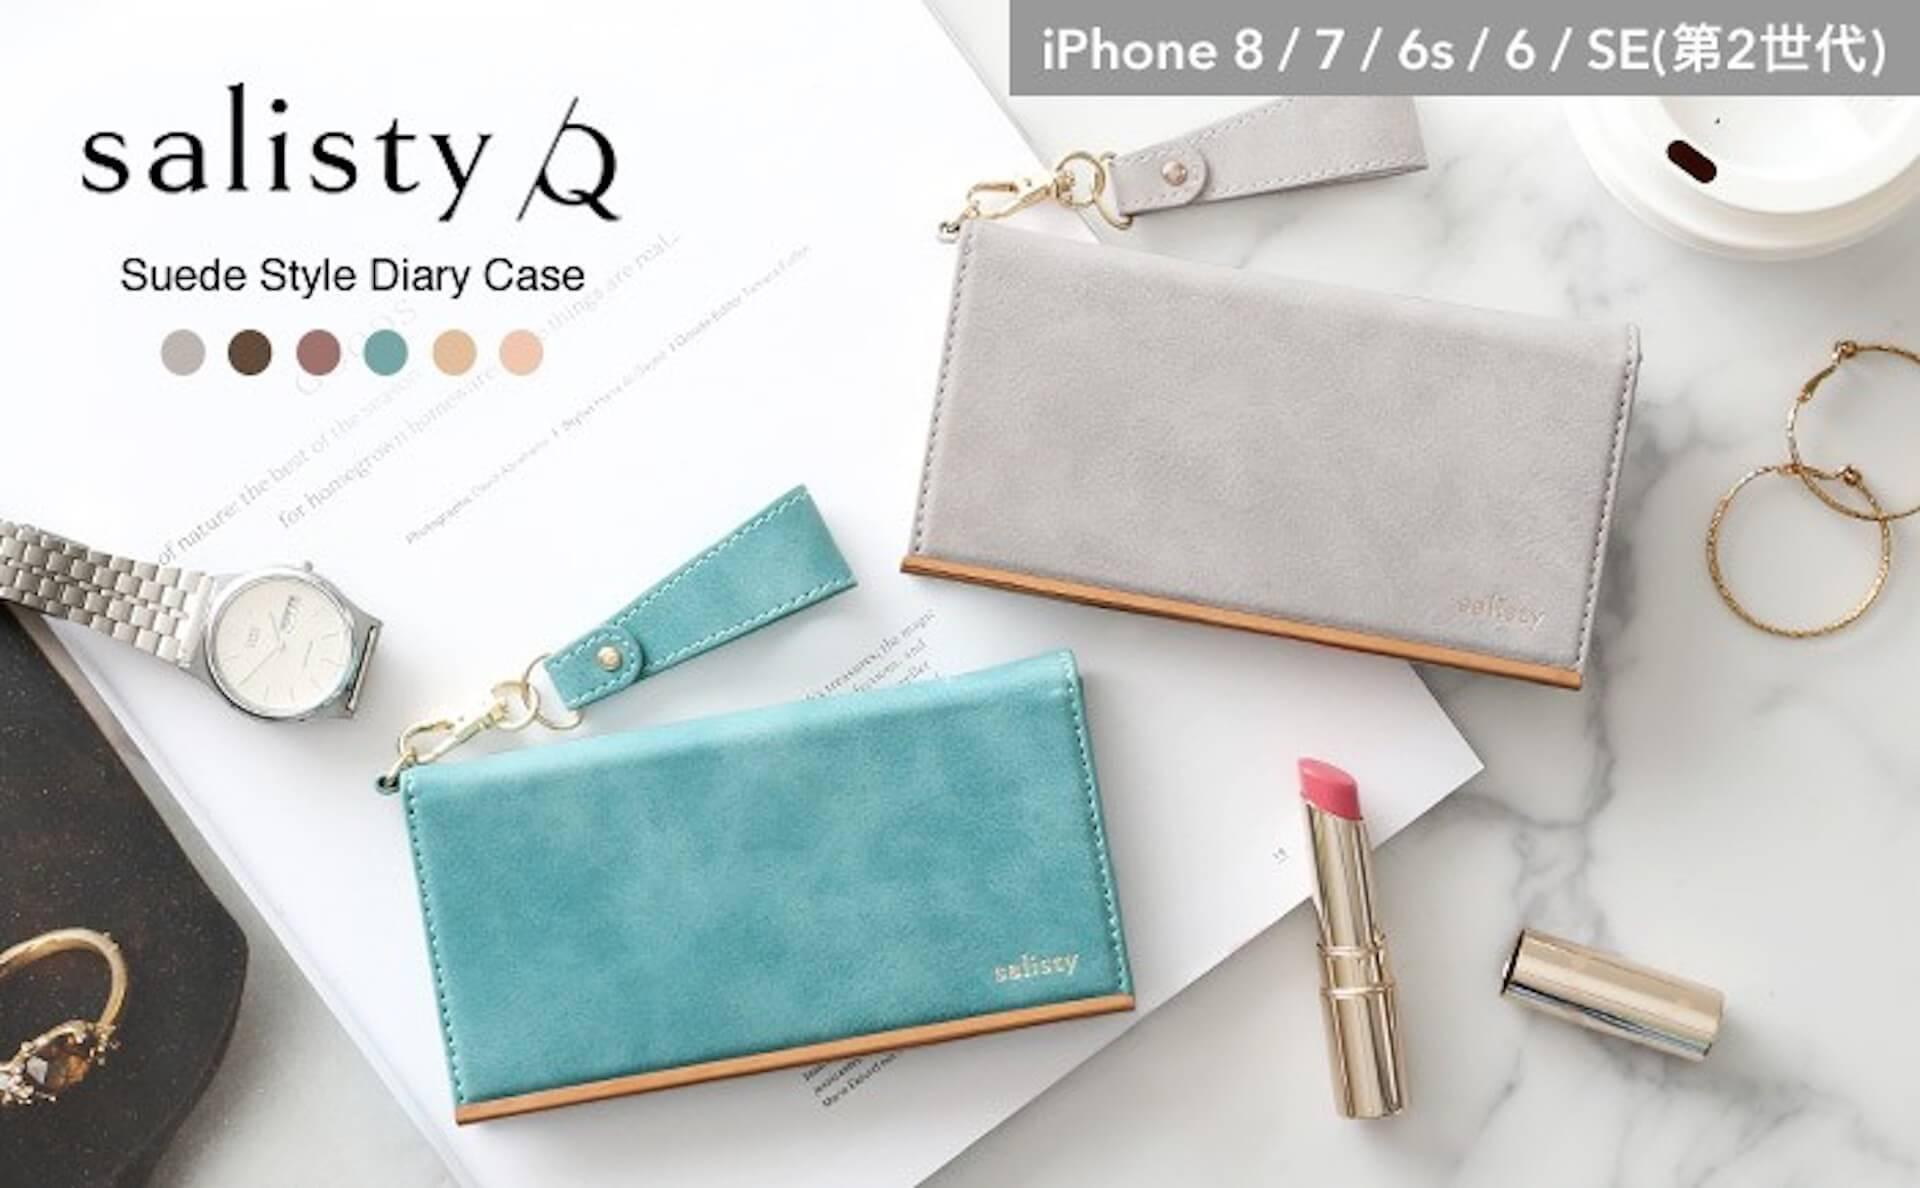 女性に大人気のスマホケースブランド「iFace」&「salisty」からiPhone SE用ケースがついに登場! tech200427_iphonese_case_3